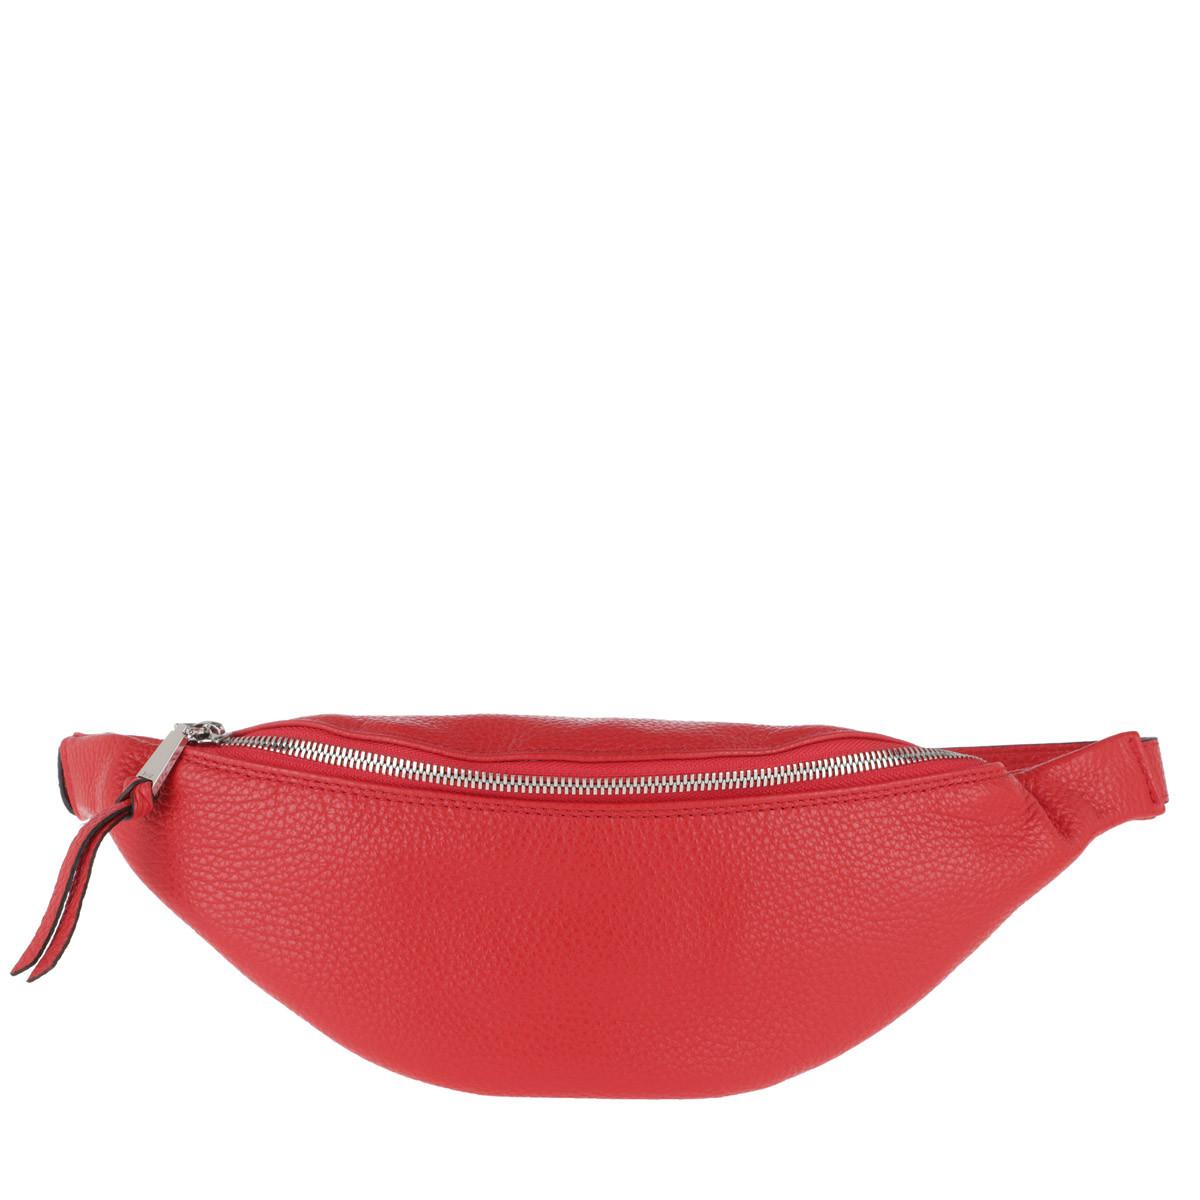 Abro Gürteltasche - Linna Belt Bag Red - in rot - für Damen